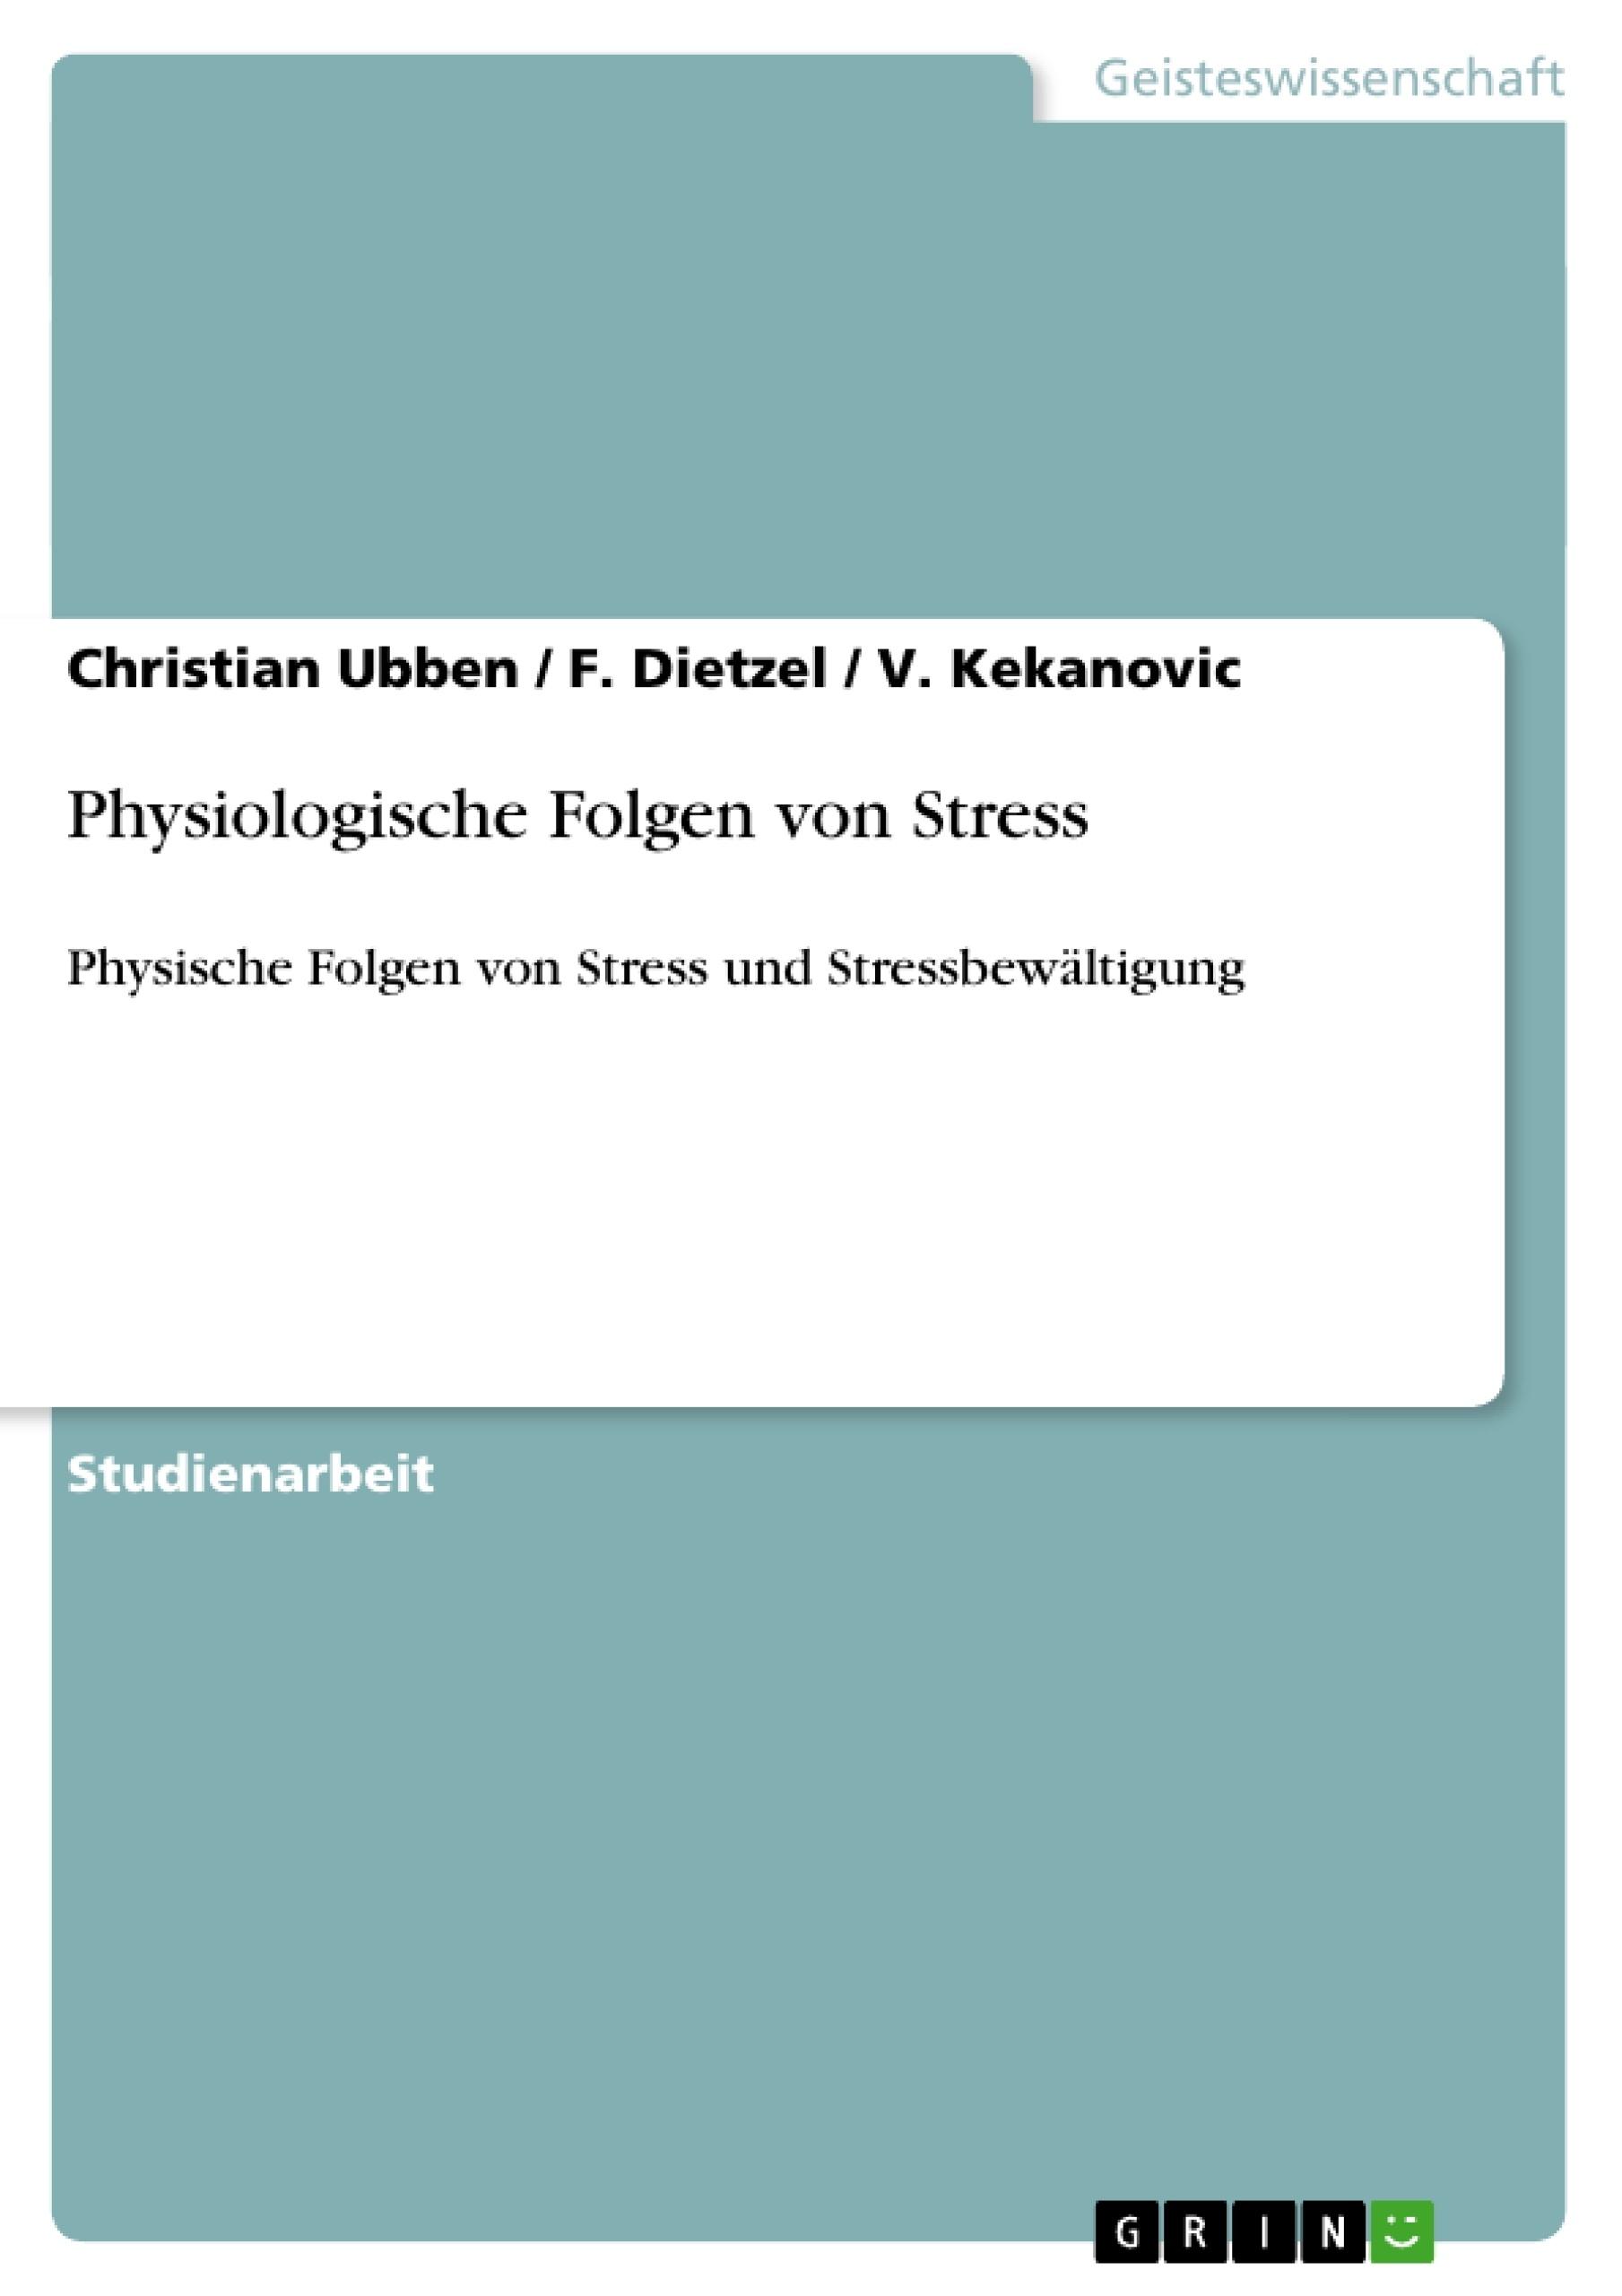 Titel: Physiologische Folgen von Stress